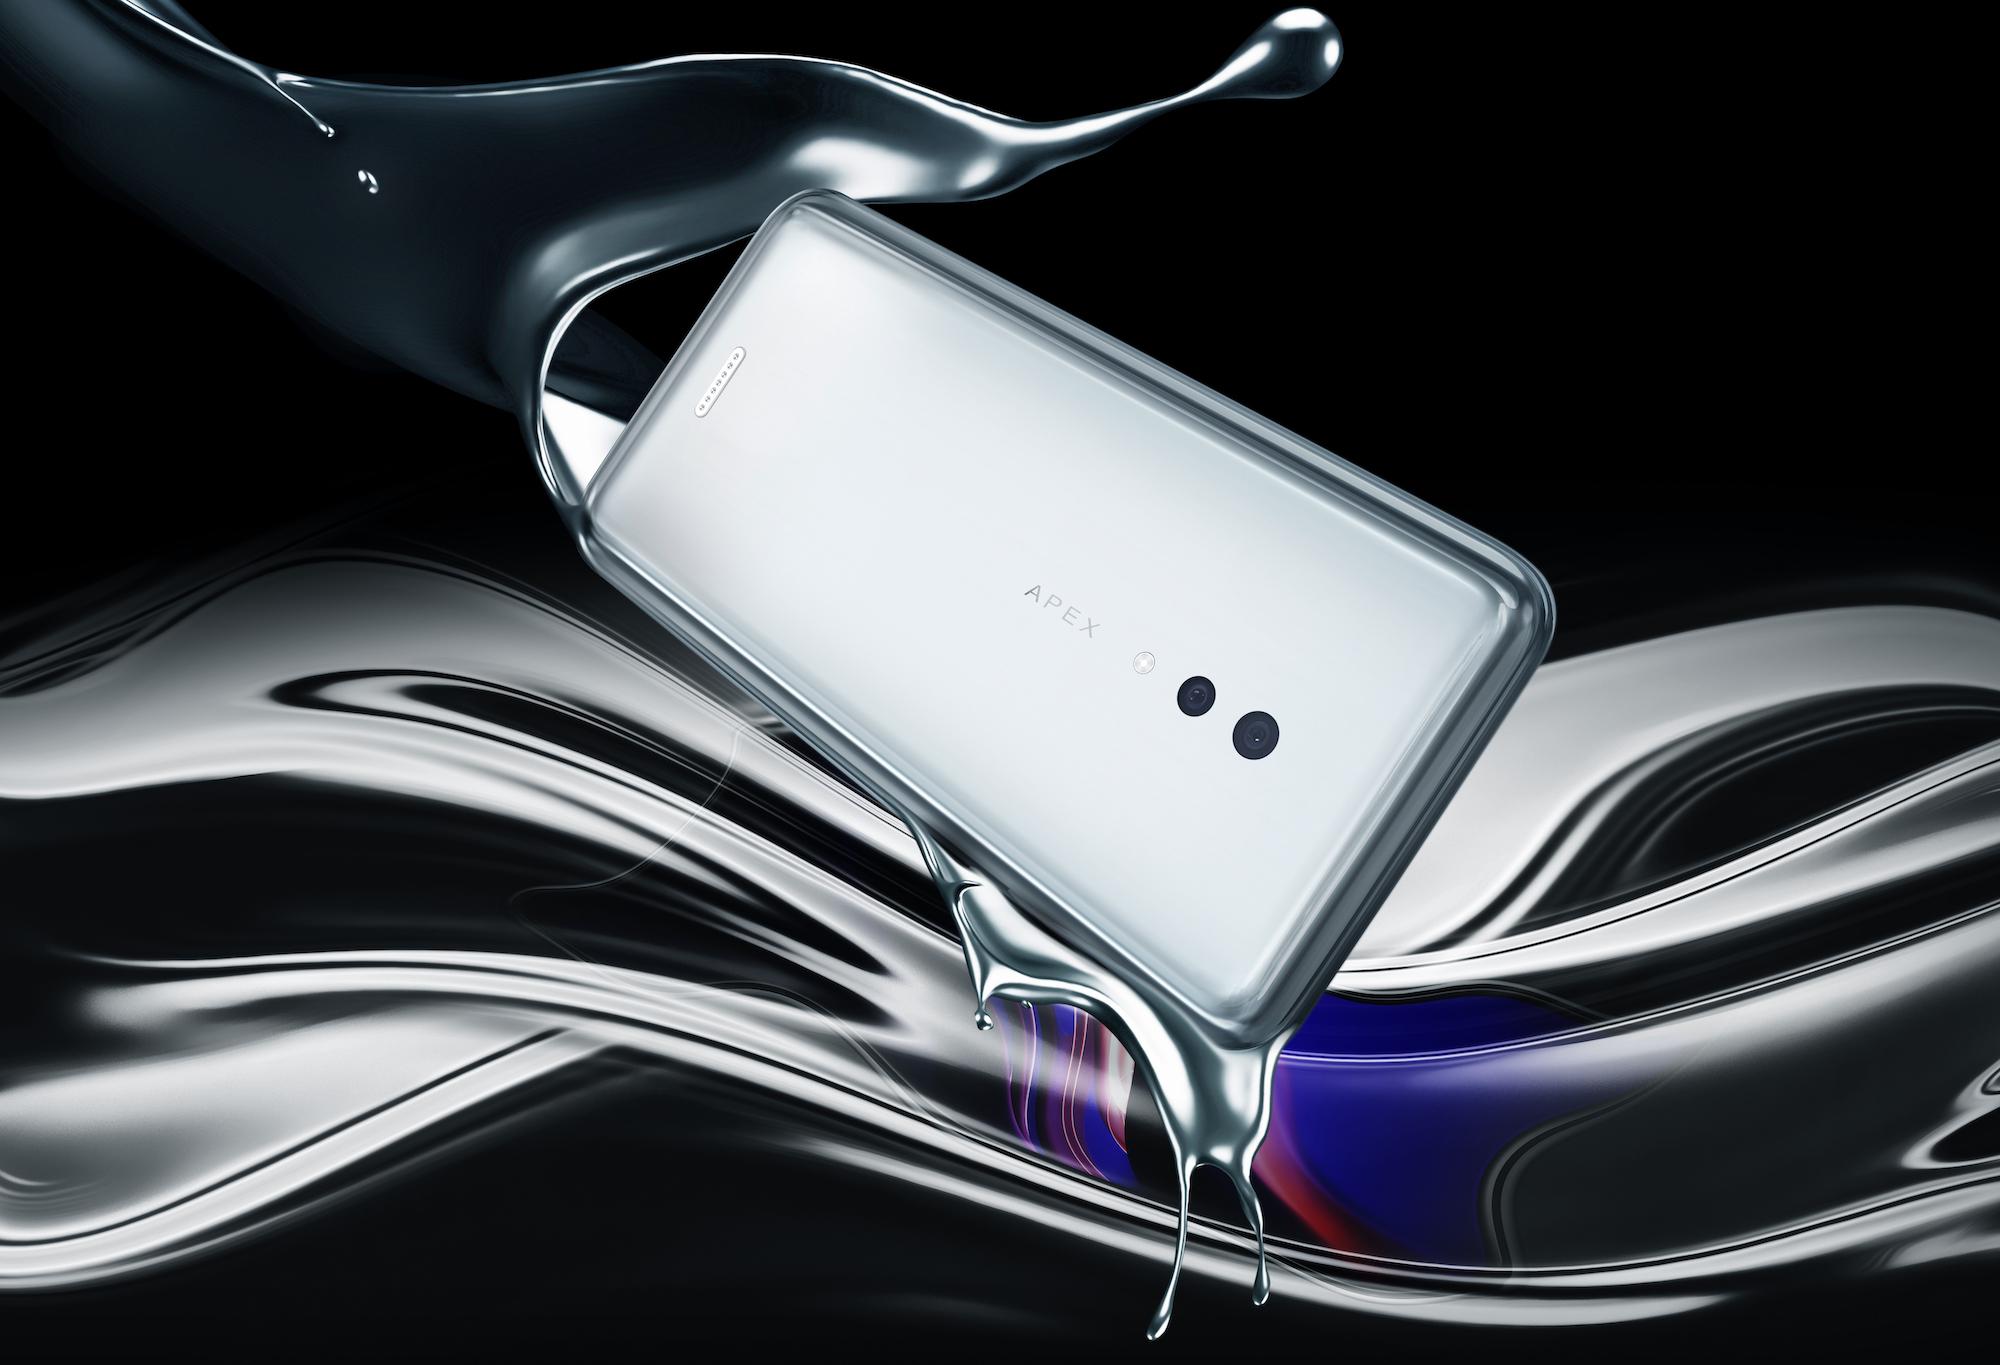 Vivo APEX 2019 – Безрамочный смартфон в виде обмылка без кнопок и разъёмов